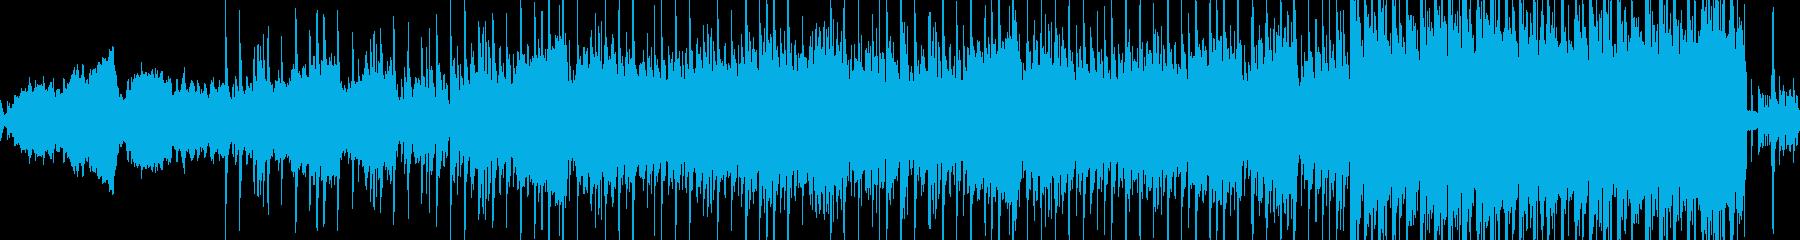 夜、ドライブ:エレクトロディスコビートの再生済みの波形